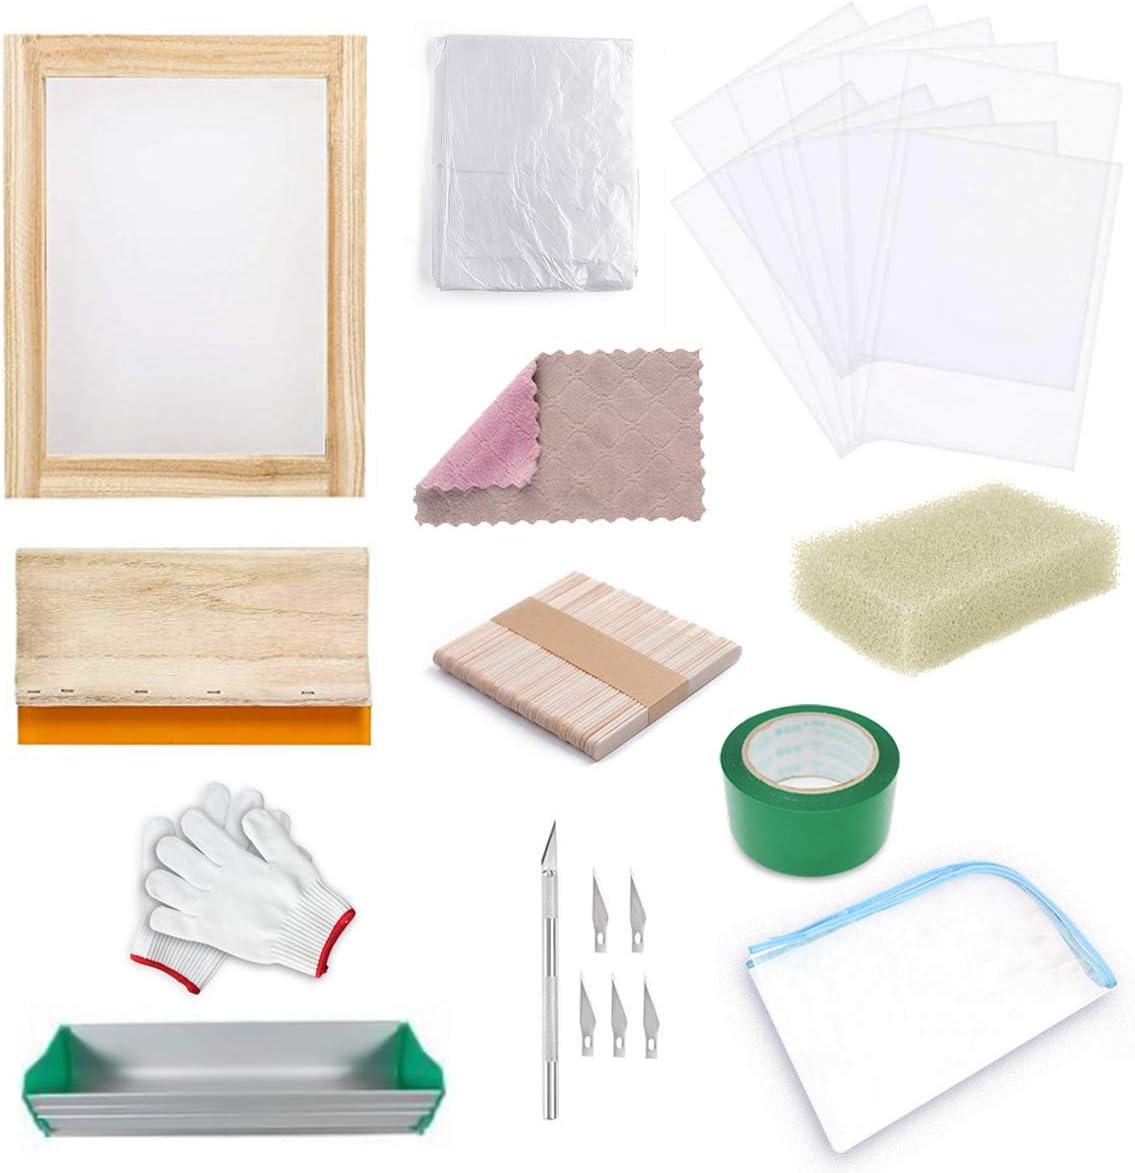 Kit de serigrafía, Runaup Silk Serigrafía Entusiast Kit incluye marco de serigrafía con 110 malla blanca, espátulas de serigrafía, cinta de película transparente